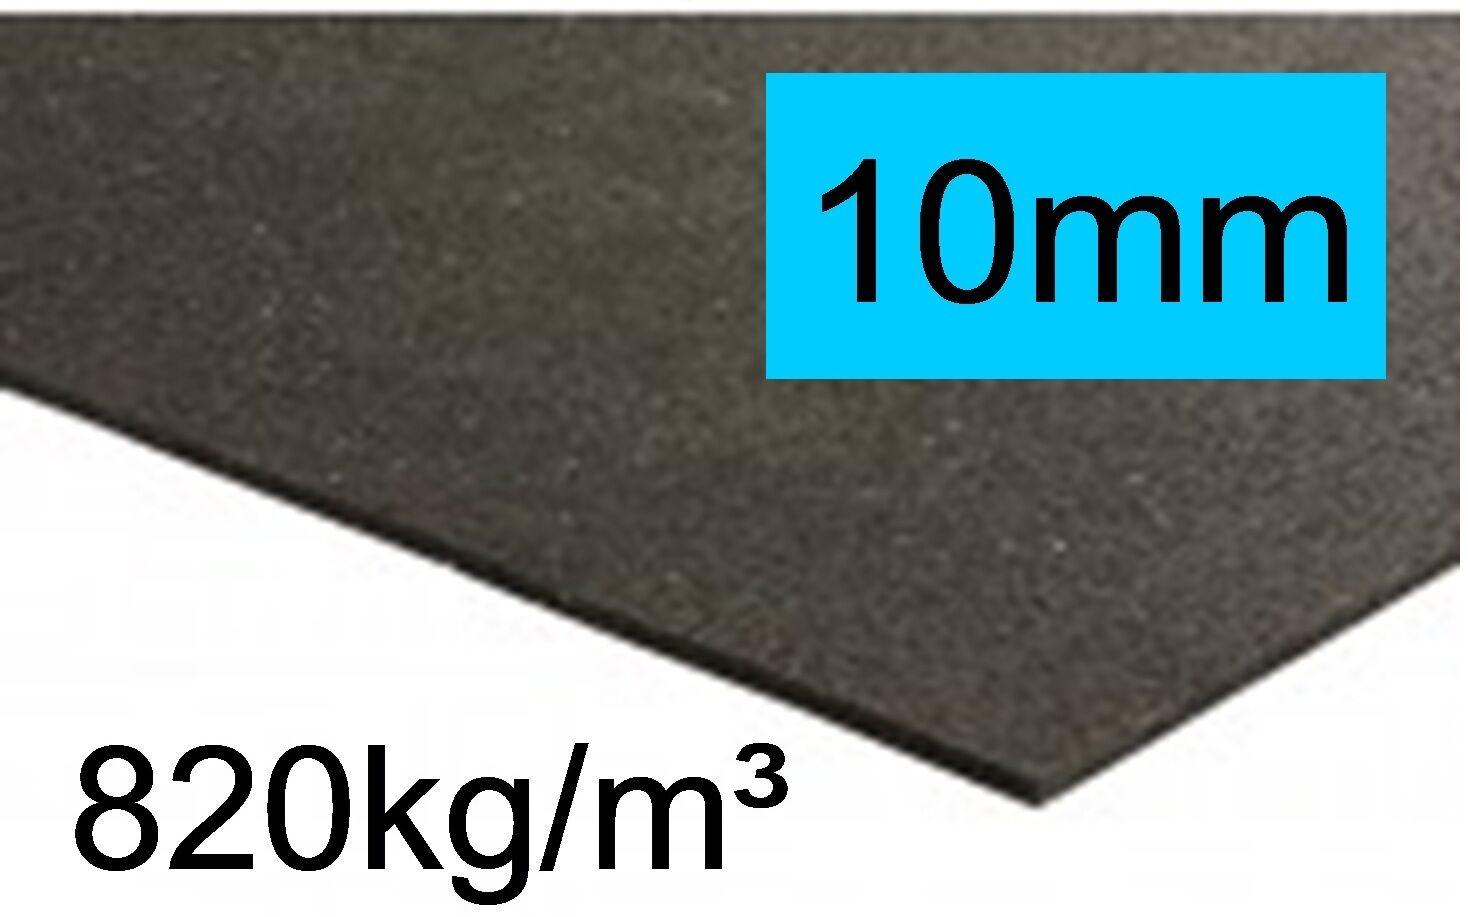 2,5m² Antirutschmatten, 1,25mx2m, LKW,Ladungssicherung VDI 2700,10mm